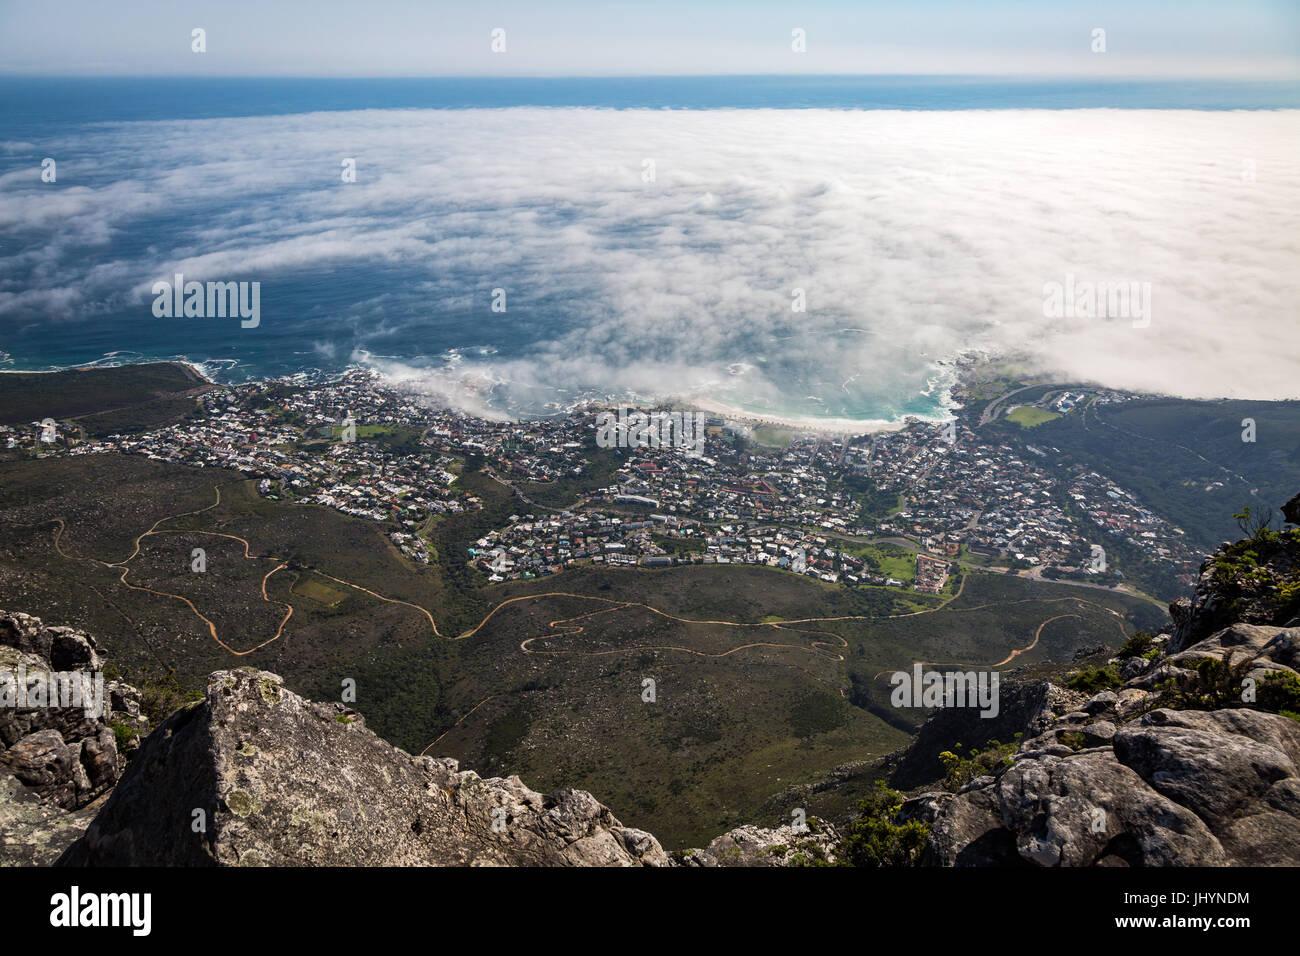 La vue depuis la montagne de la table plus de Camps Bay couvert de nuages bas, Cape Town, Afrique du Sud, l'Afrique Photo Stock